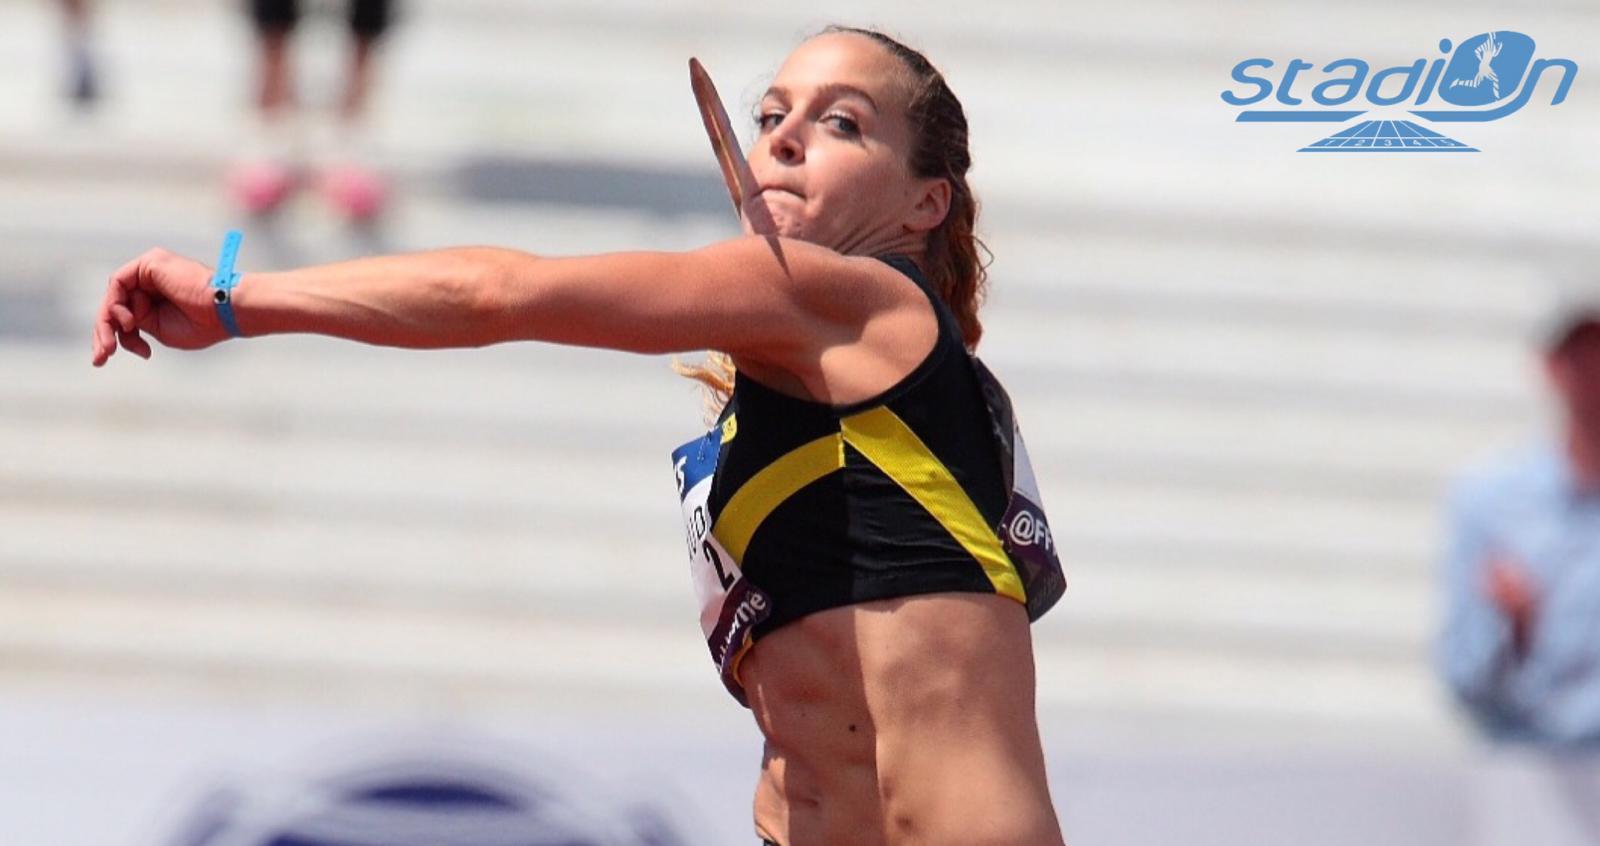 La recordwoman de France du lancer du javelot Mathilde Andraud a annoncé sur les réseaux sociaux son choix de mettre un terme à sa carrière sportive pour se consacrer à son métier de kinésithérapeute.